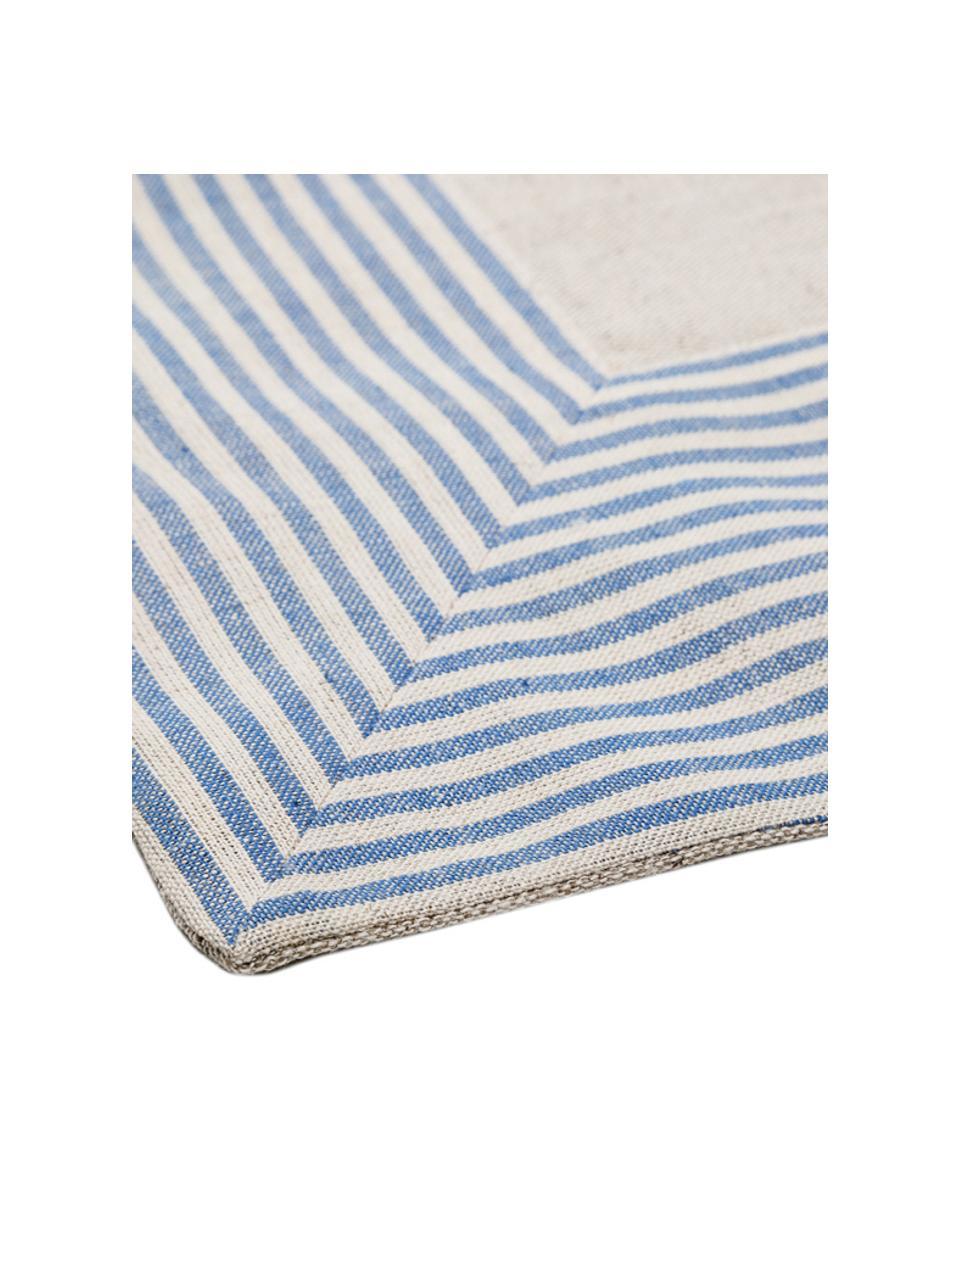 Tovaglia in misto lino beige con righe blu Milda, Blu, Beige, Per 2-4 persone (Larg. 90 x Lung